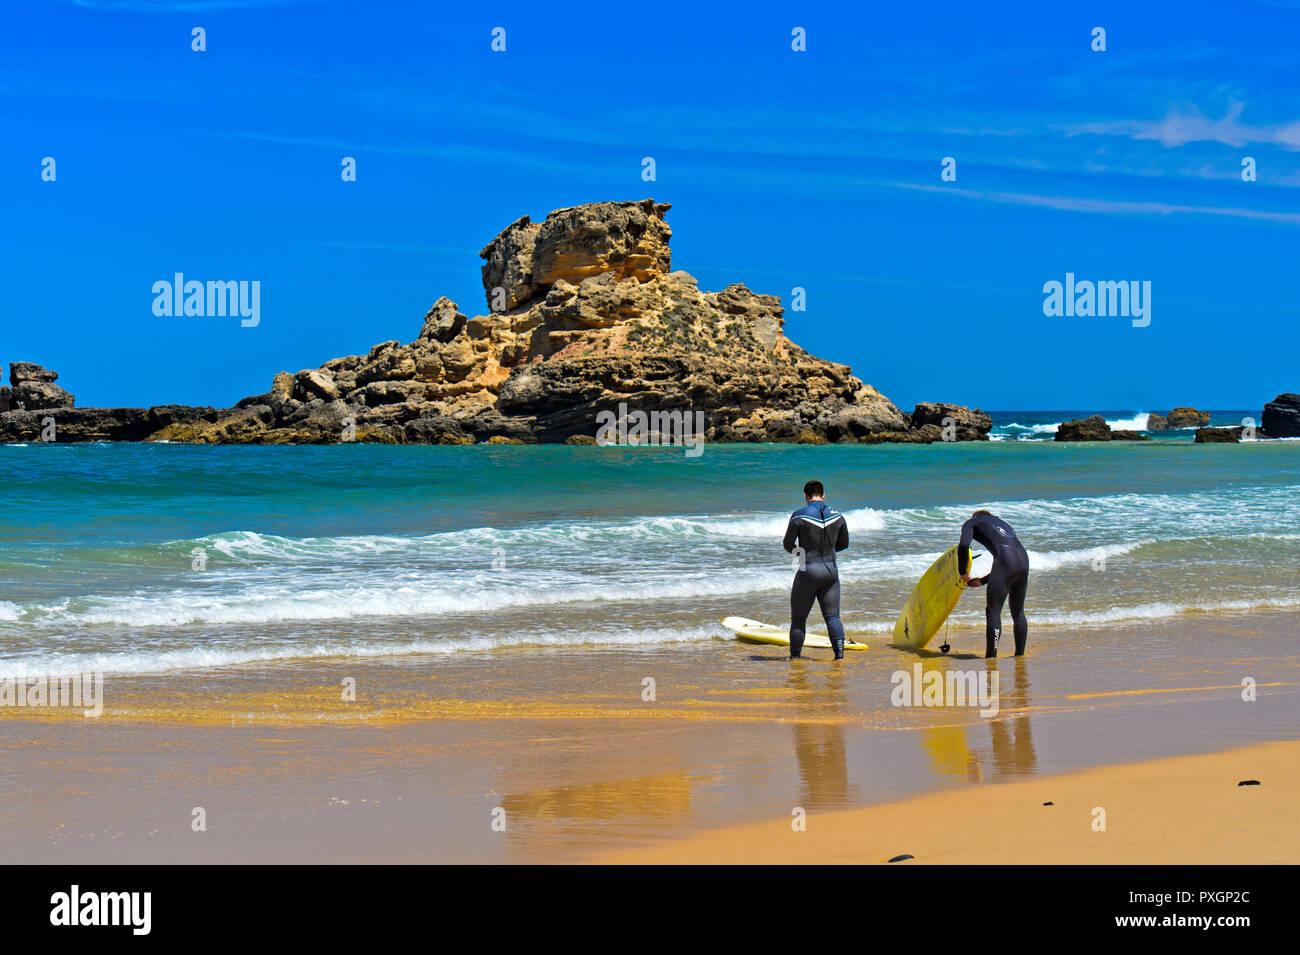 Surfer at the Praia do Castelejo beach at the Costa Vicentina coast, Vila do Bispo, Portugal Stock Photo